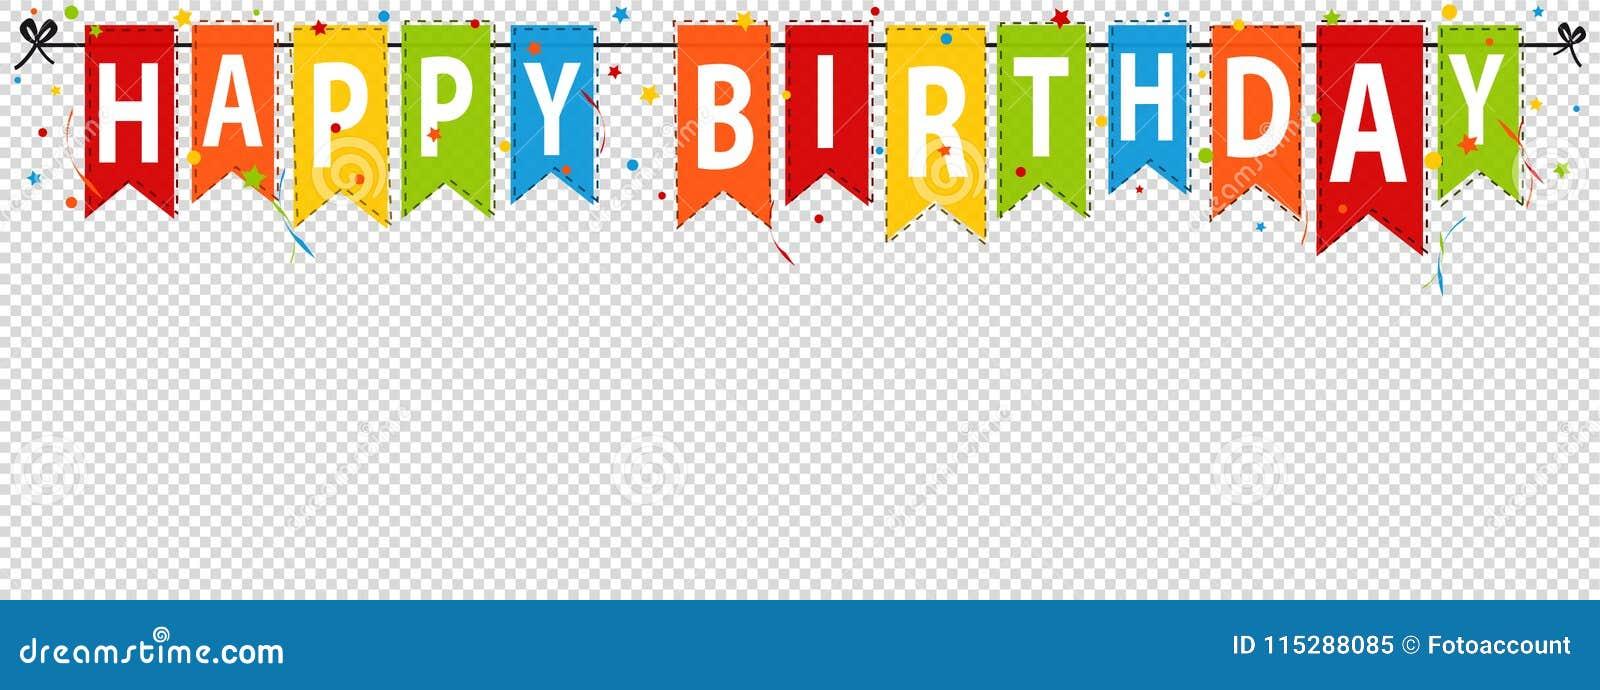 Alles- Gute zum Geburtstagfahne, Hintergrund - Editable Vektor-Illustration - lokalisiert auf transparentem